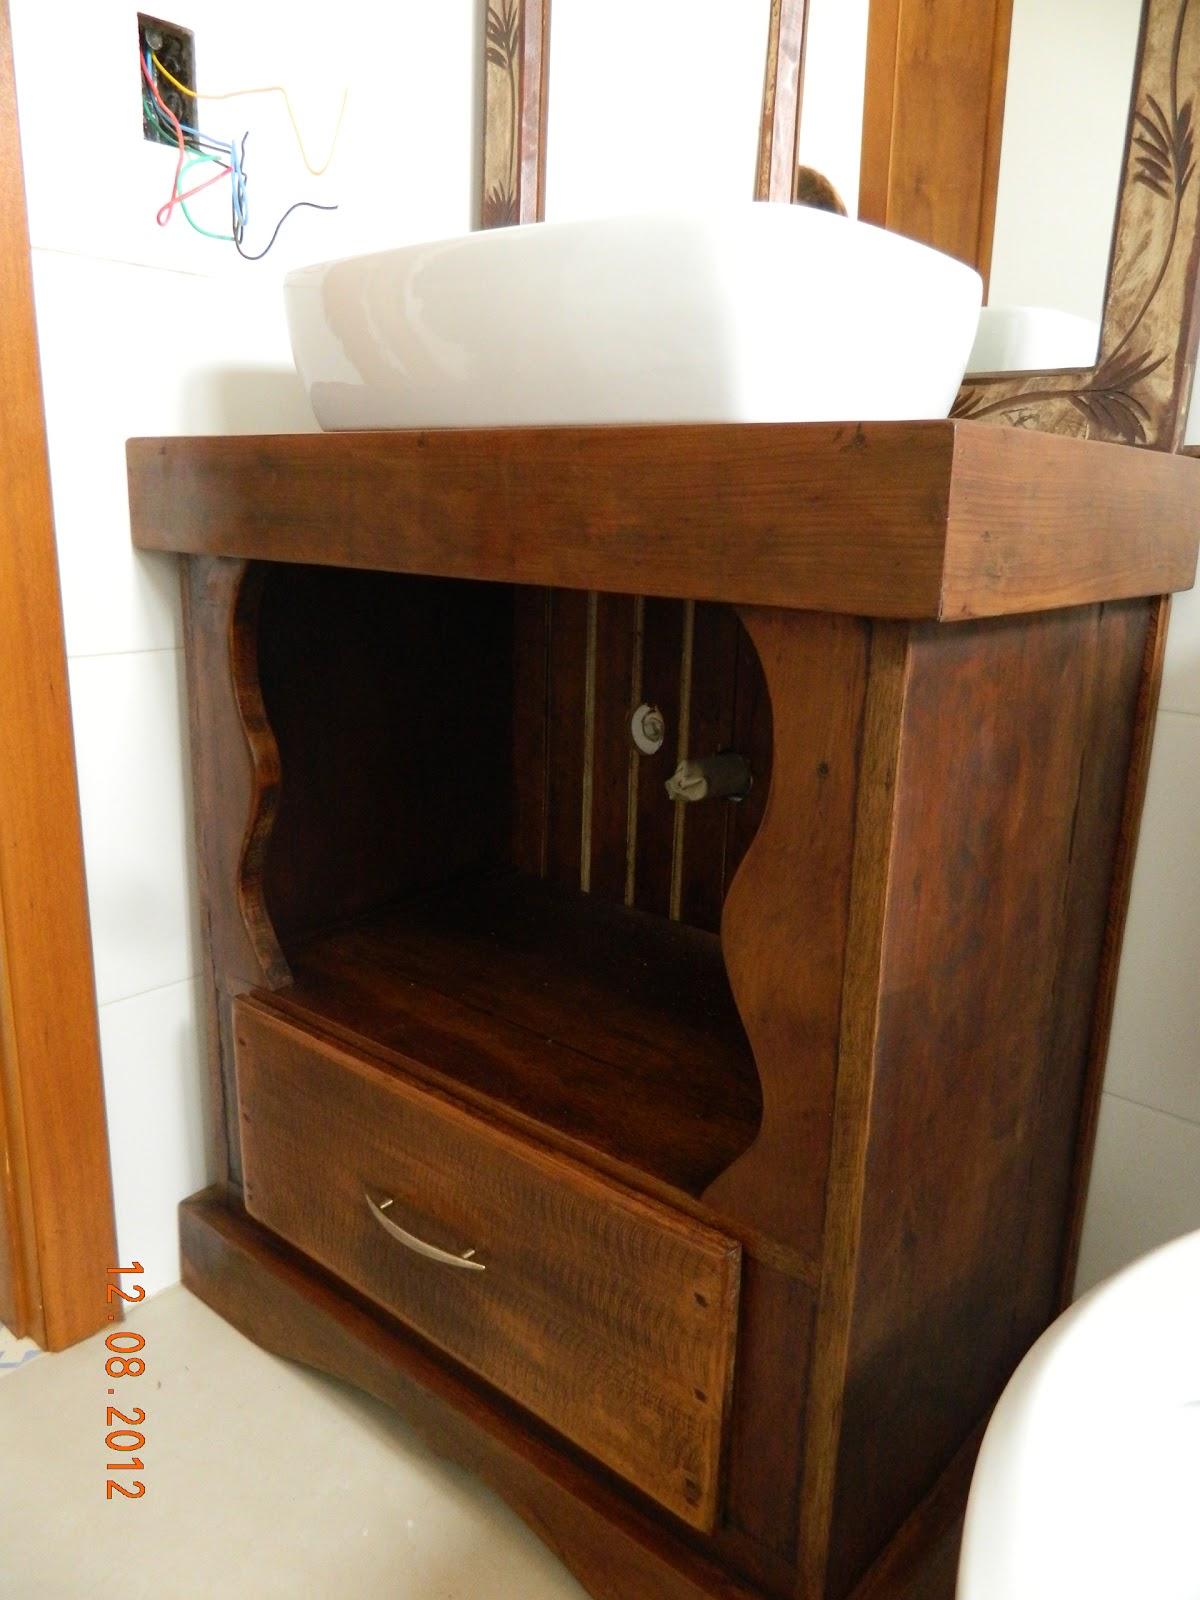 Armario De Madeira Banheiro : Reinventando e reciclando balc?o pequeno para banheiro